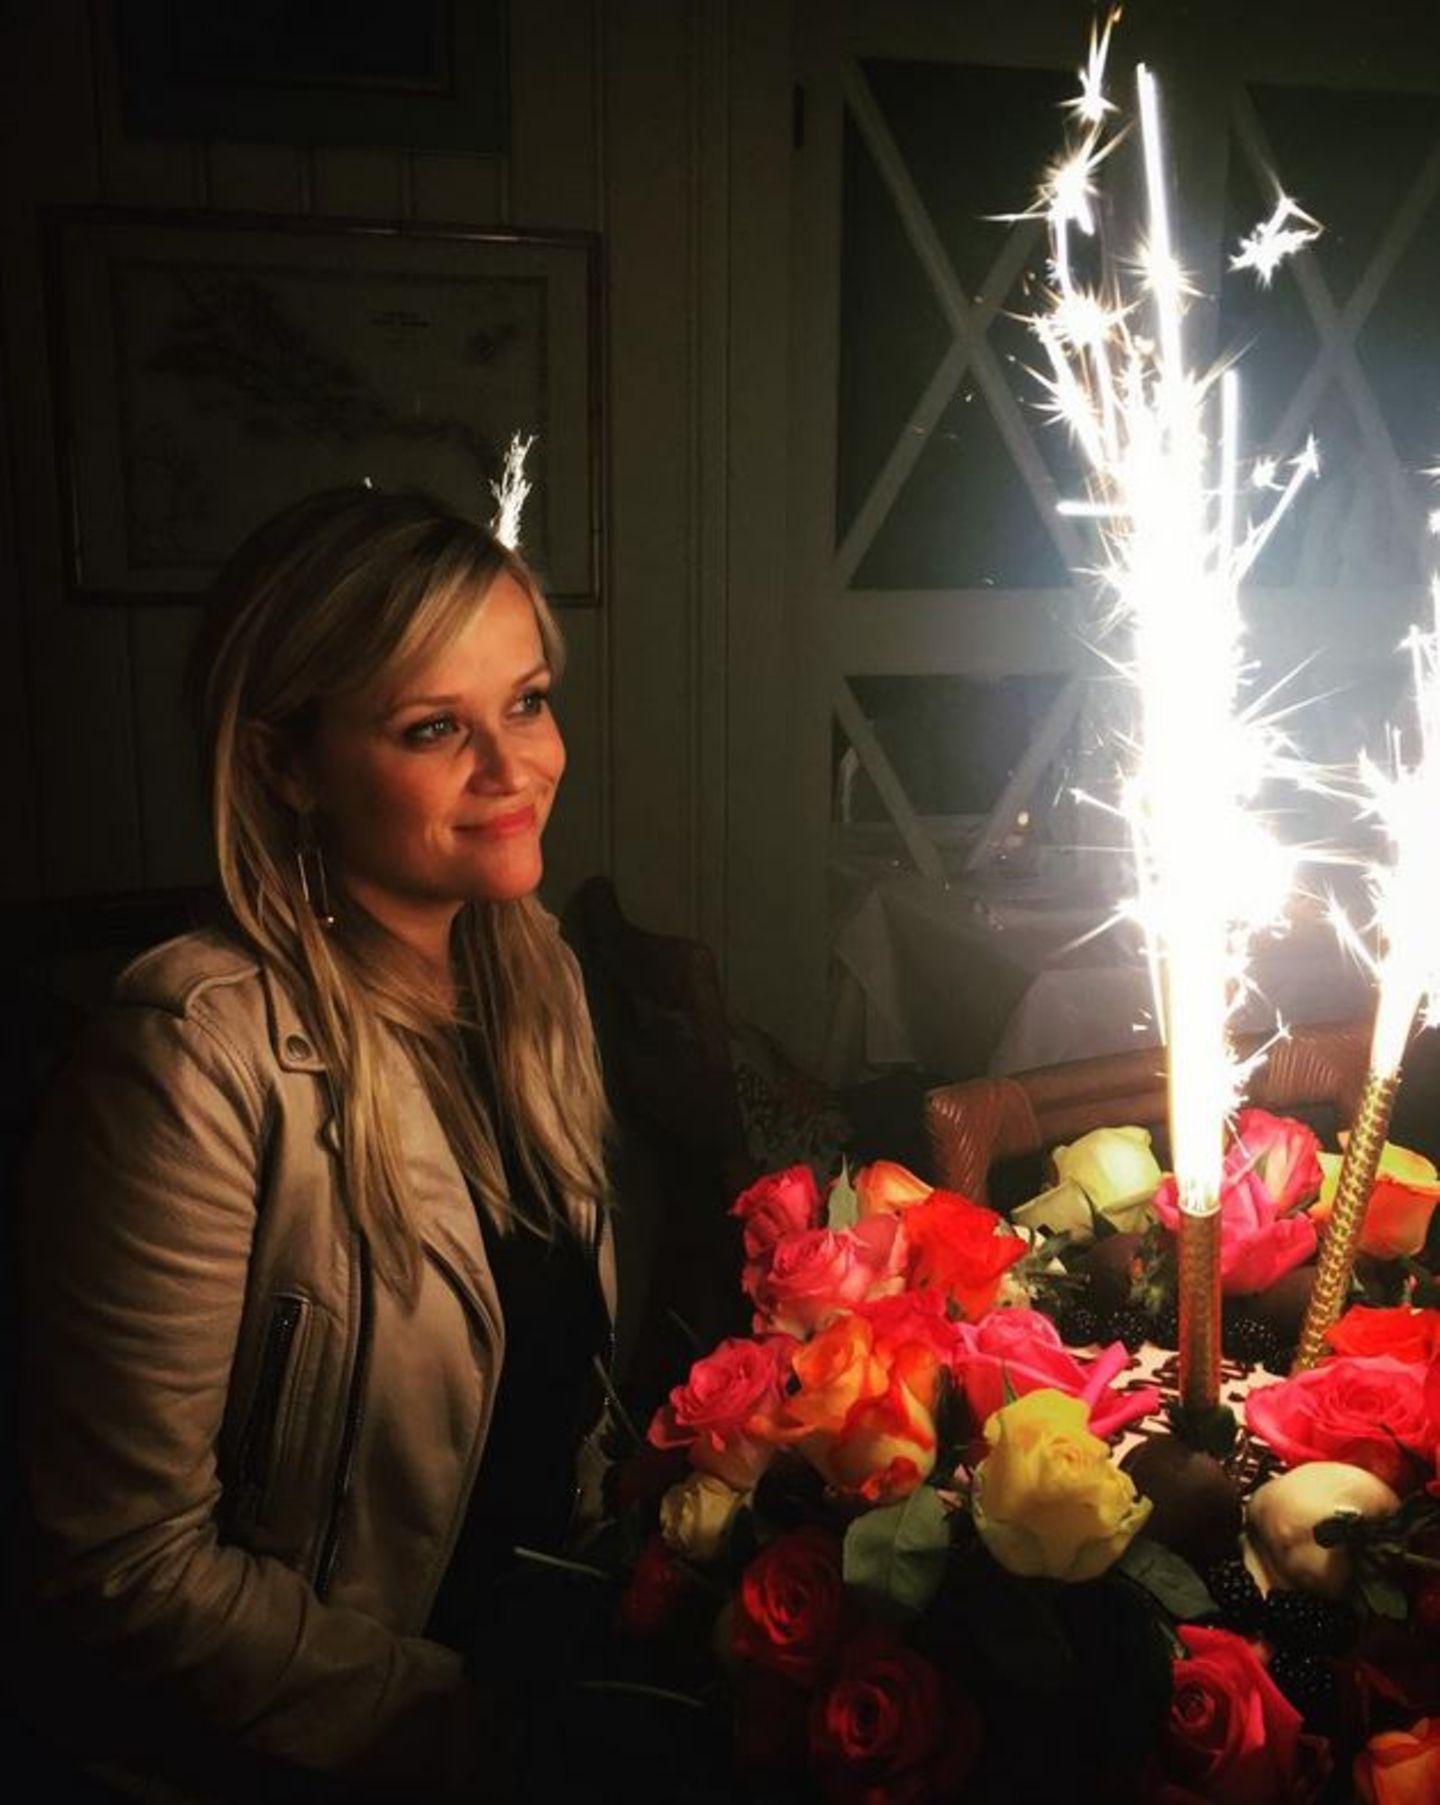 22. März 2017  Für Ava Phillippe ist ihre Mutter Reese Witherspoon gleichzeitig auch ihre beste Freundin. Zum Geburtstag gibt es daher eine Torte und einen liebevollen Post bei Instagram.